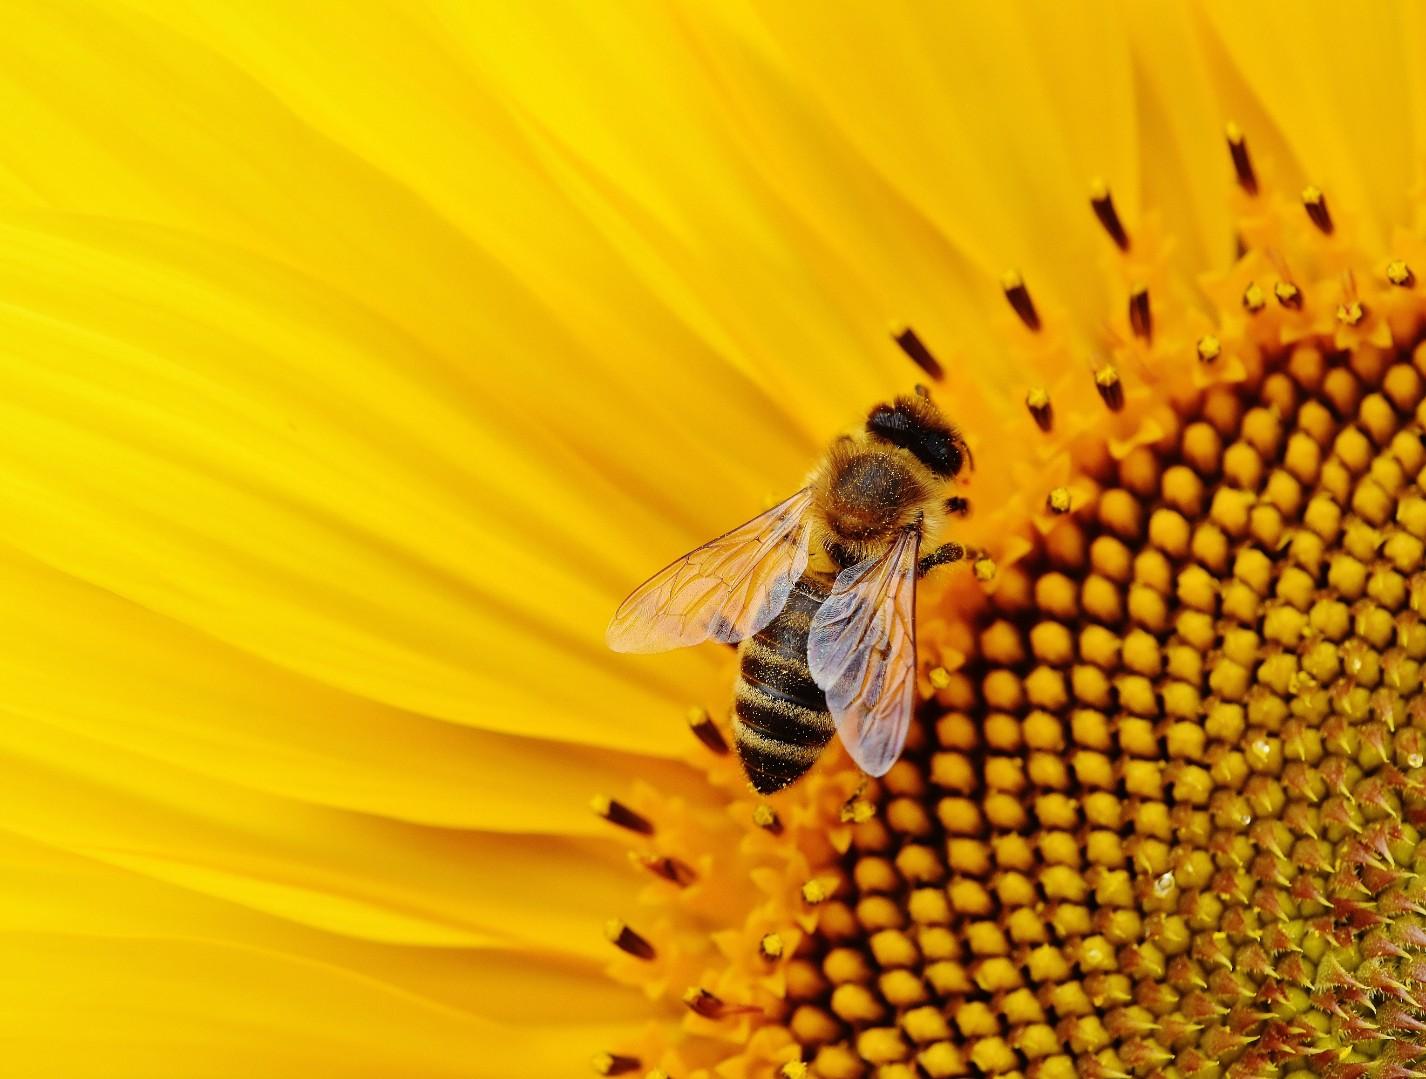 Outdoor Printed Garden Art Wall Panel - Bee & Flower